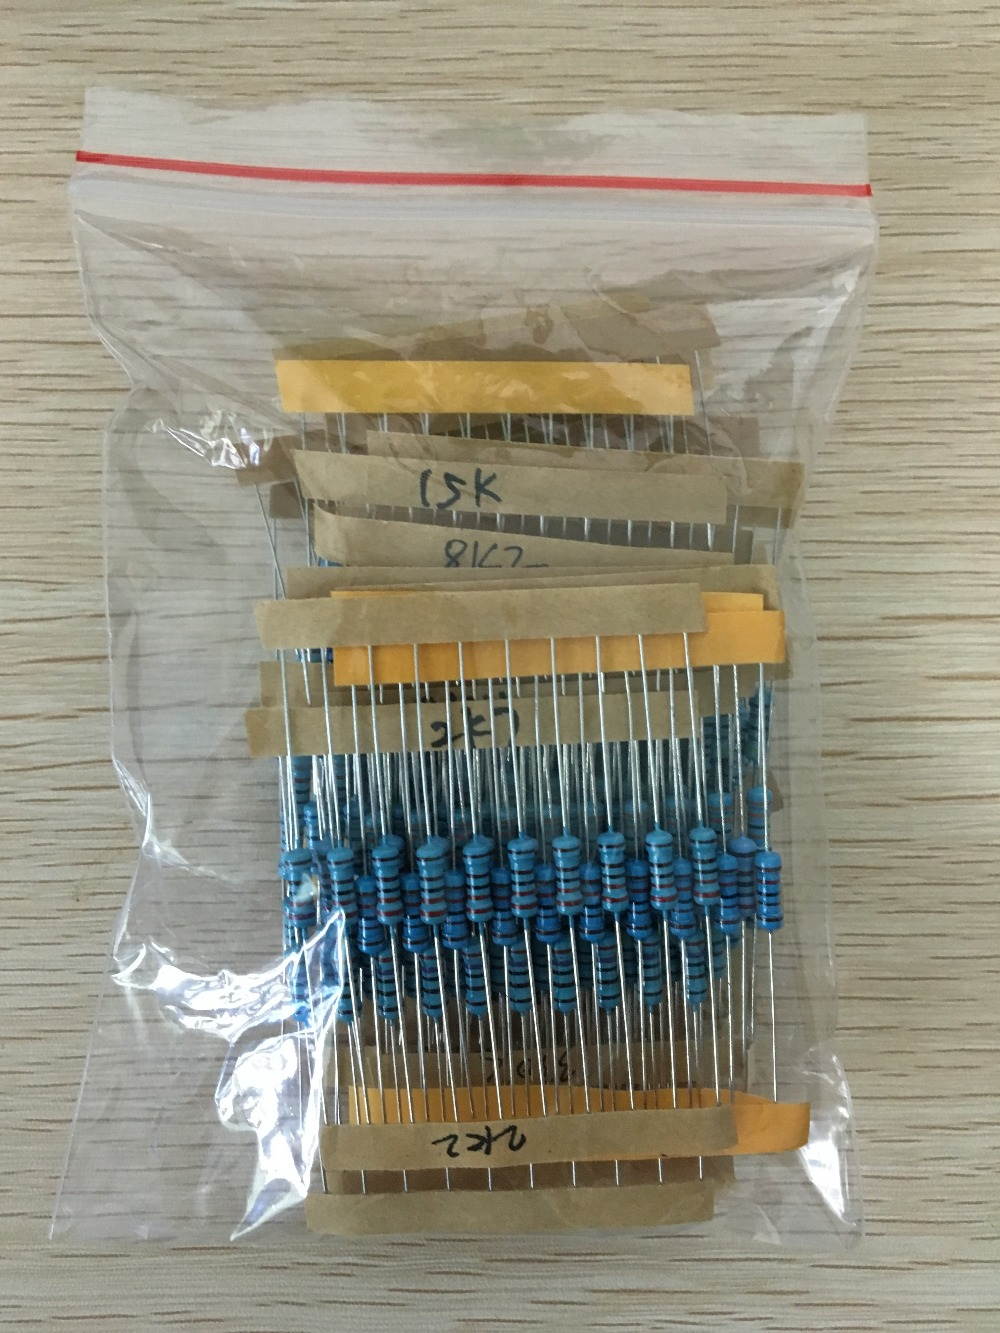 300pcs 1K-1M Ohm 1/2w Resistance 1% Metal Film Resistor Assortment Kit Set 30Kinds*10pcs=300PCS Free Shipping